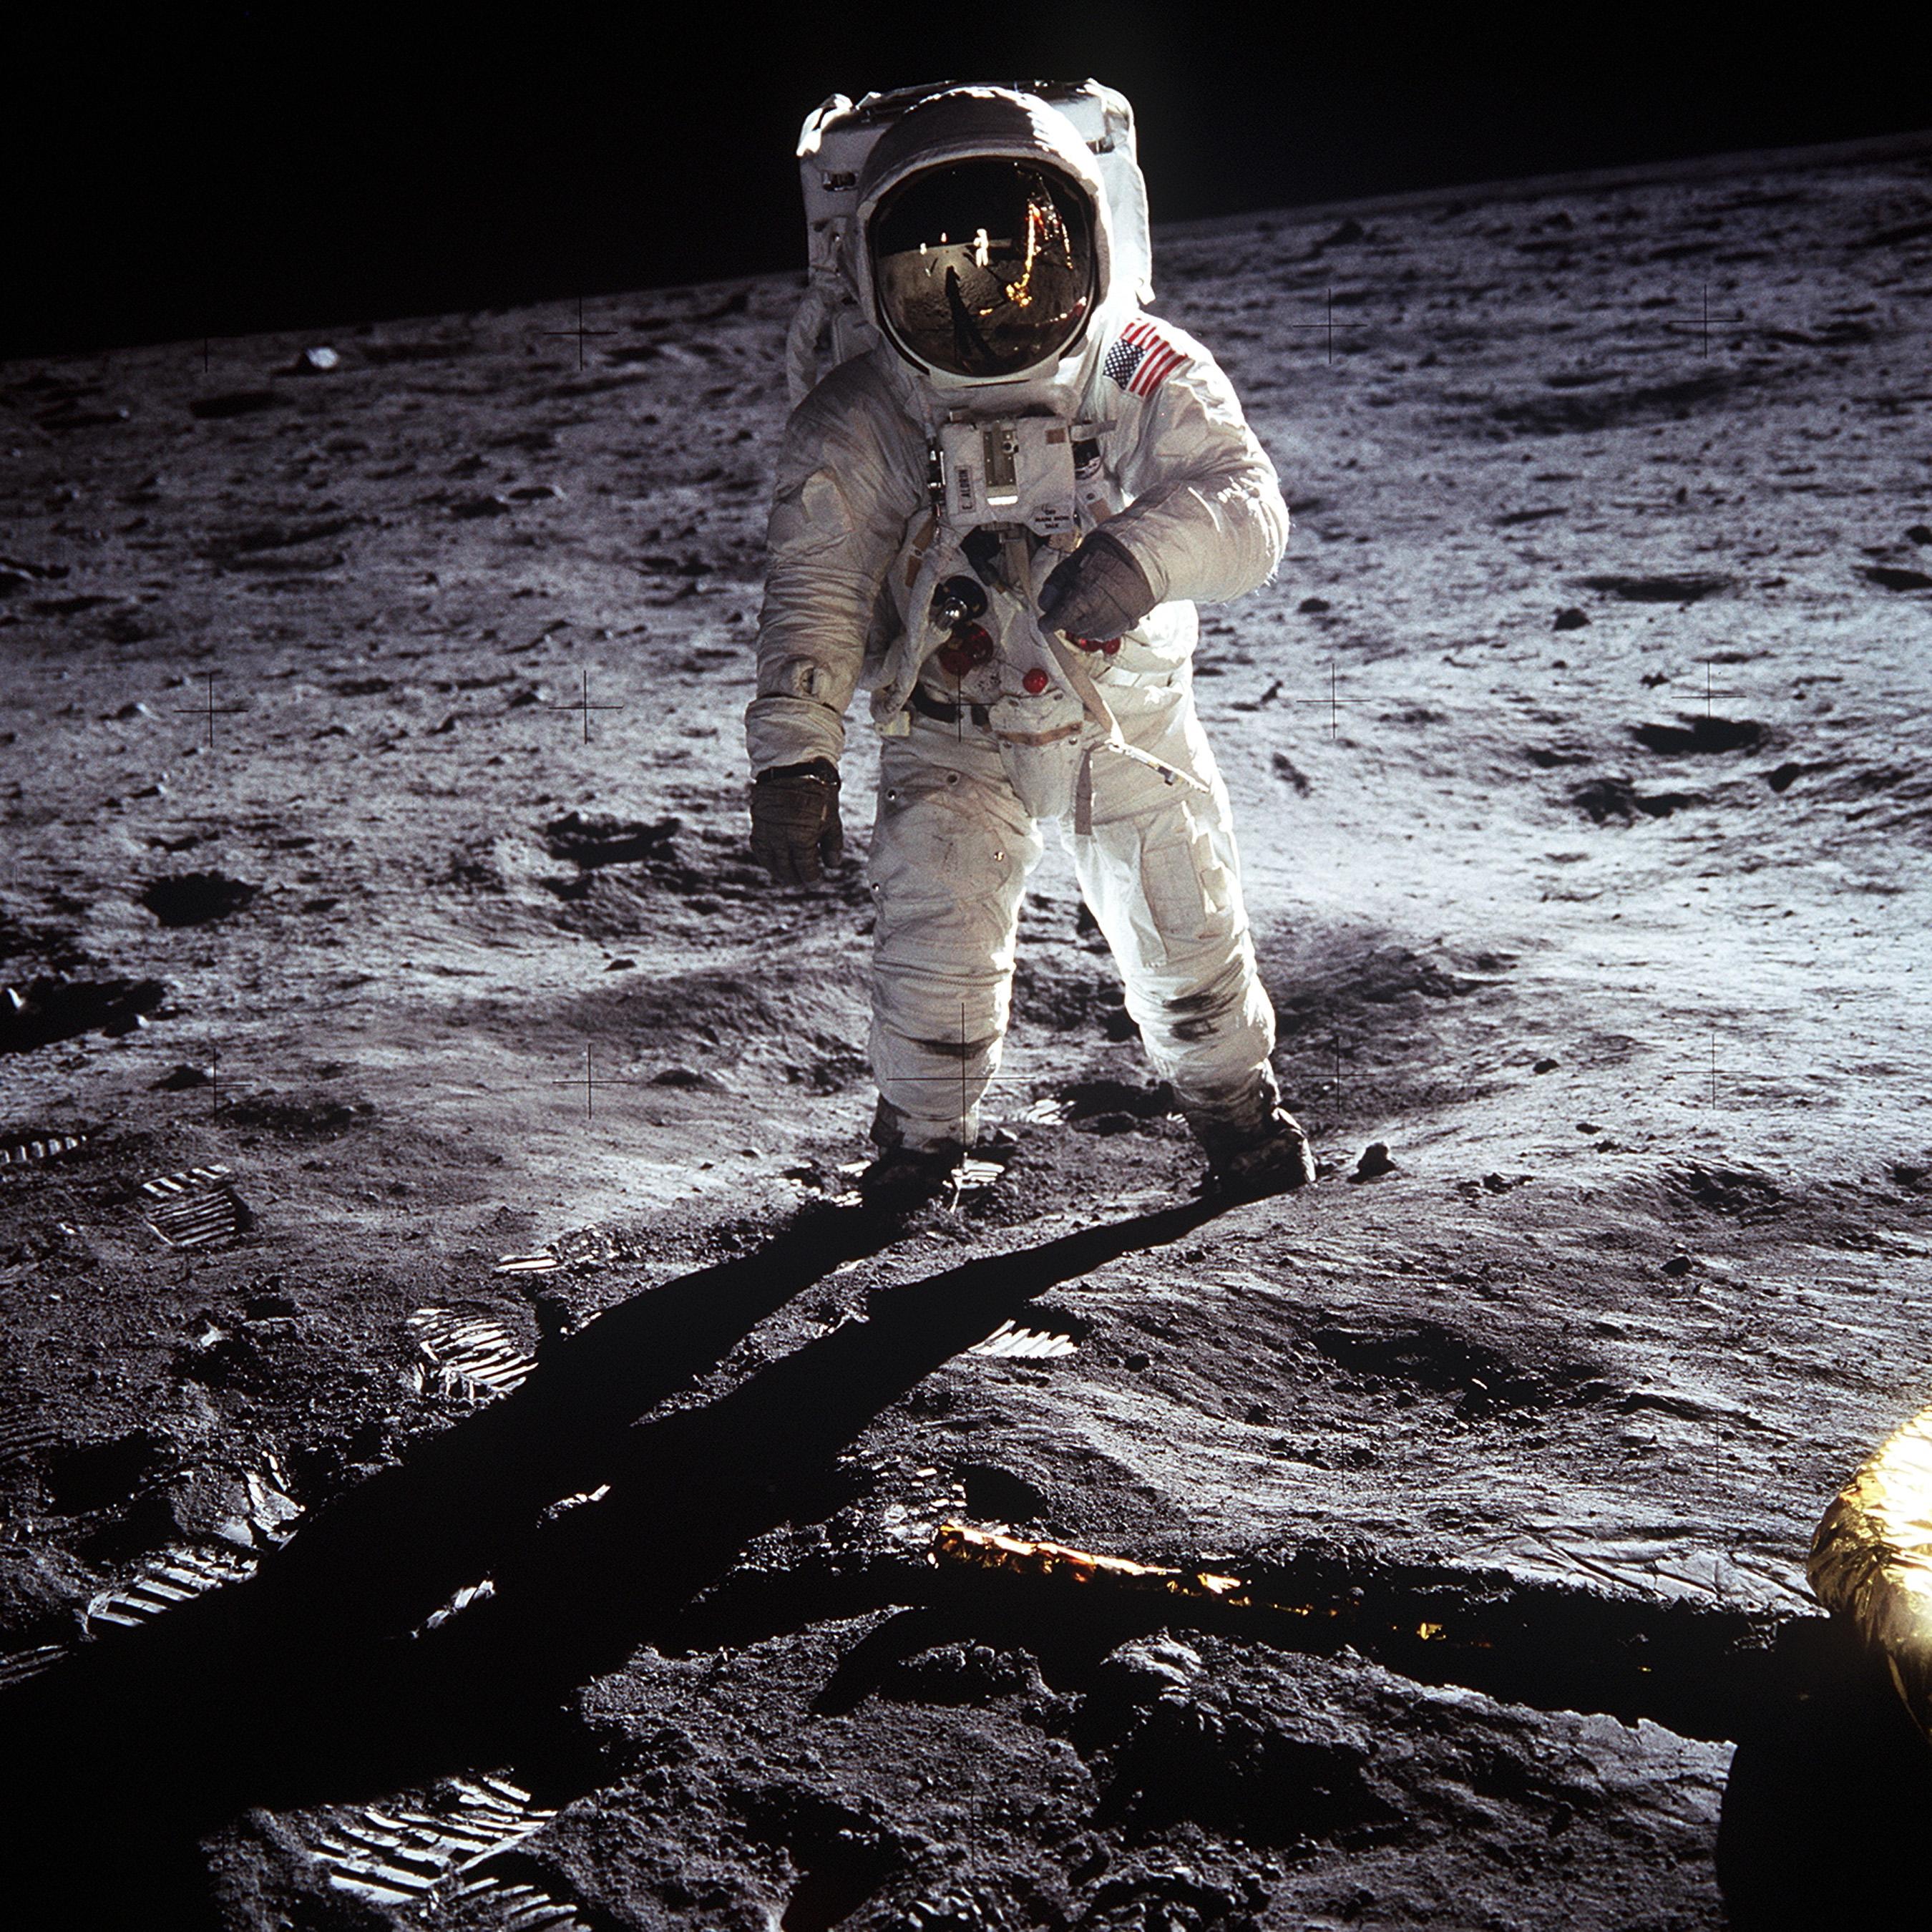 apollo 11 passeggiata lunare aldrin